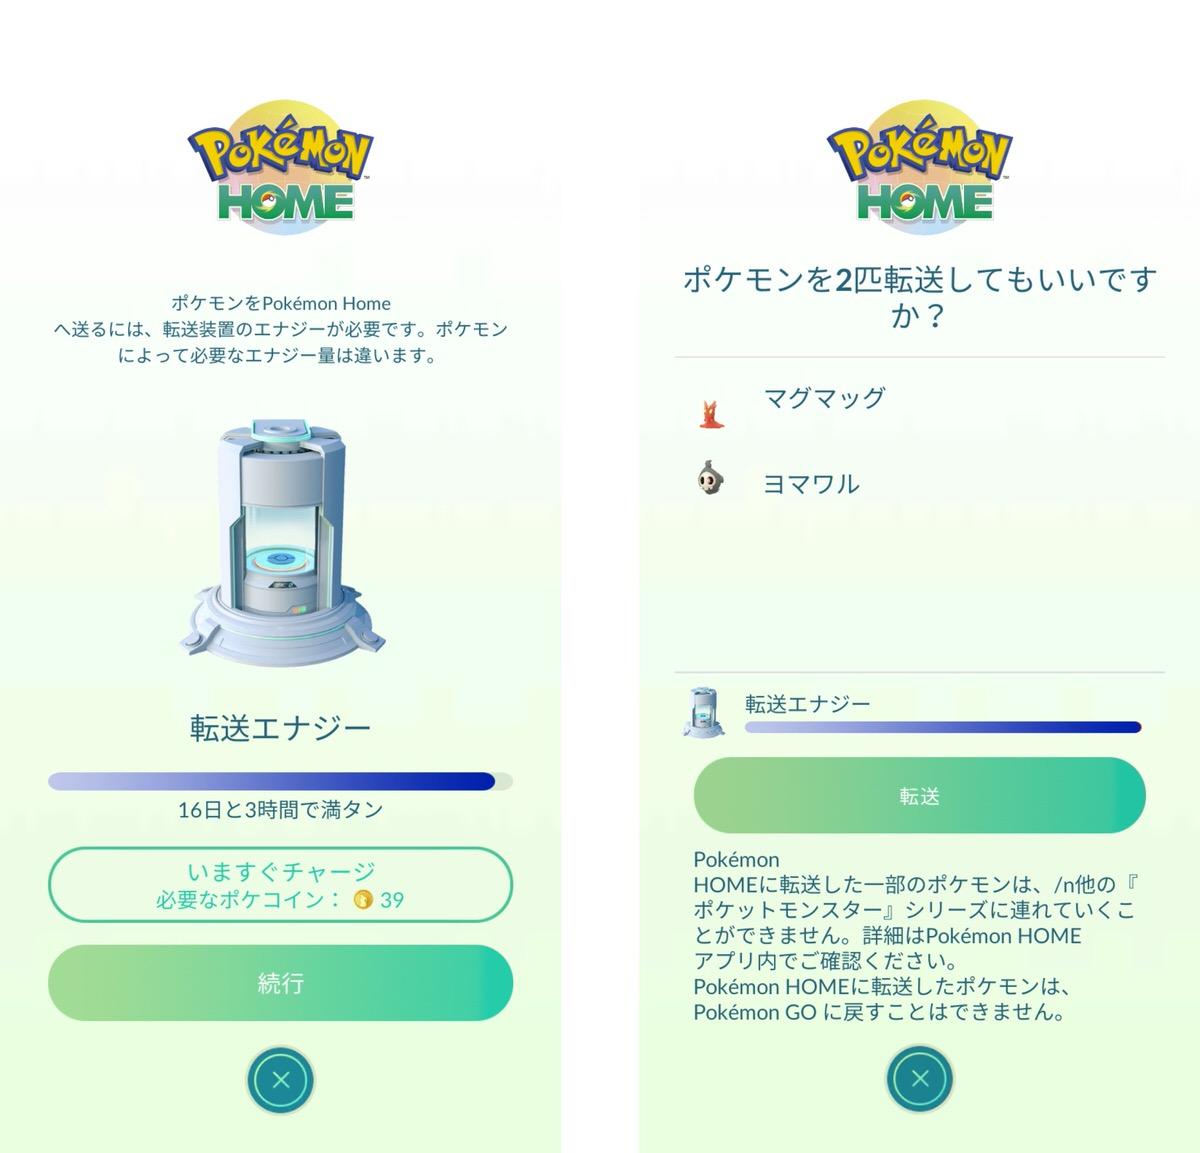 Home ポケモン